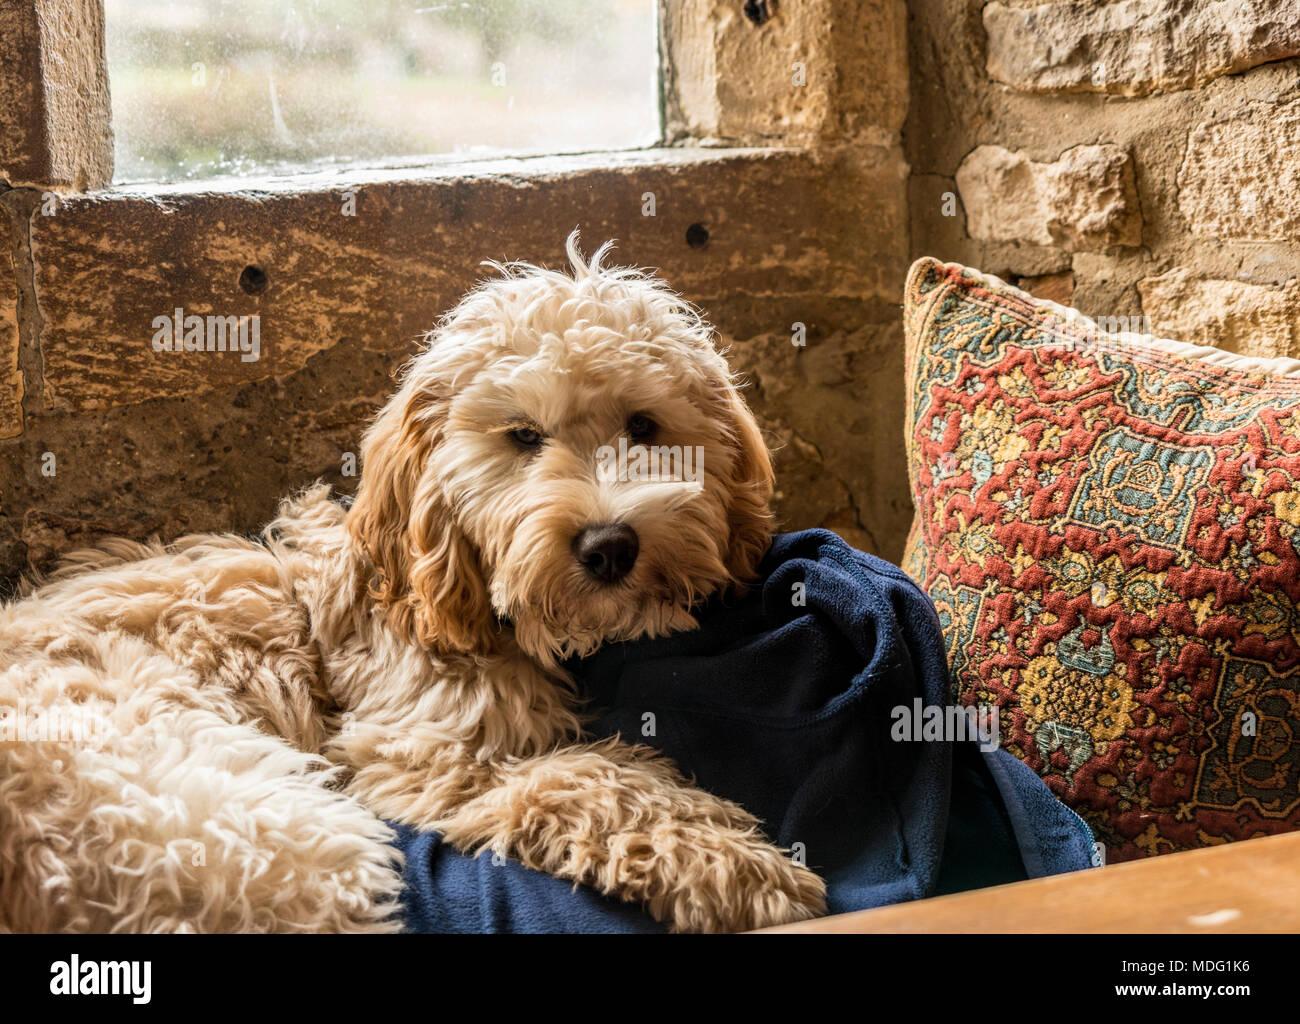 Cockerpoo dog lying in window seat Stock Photo